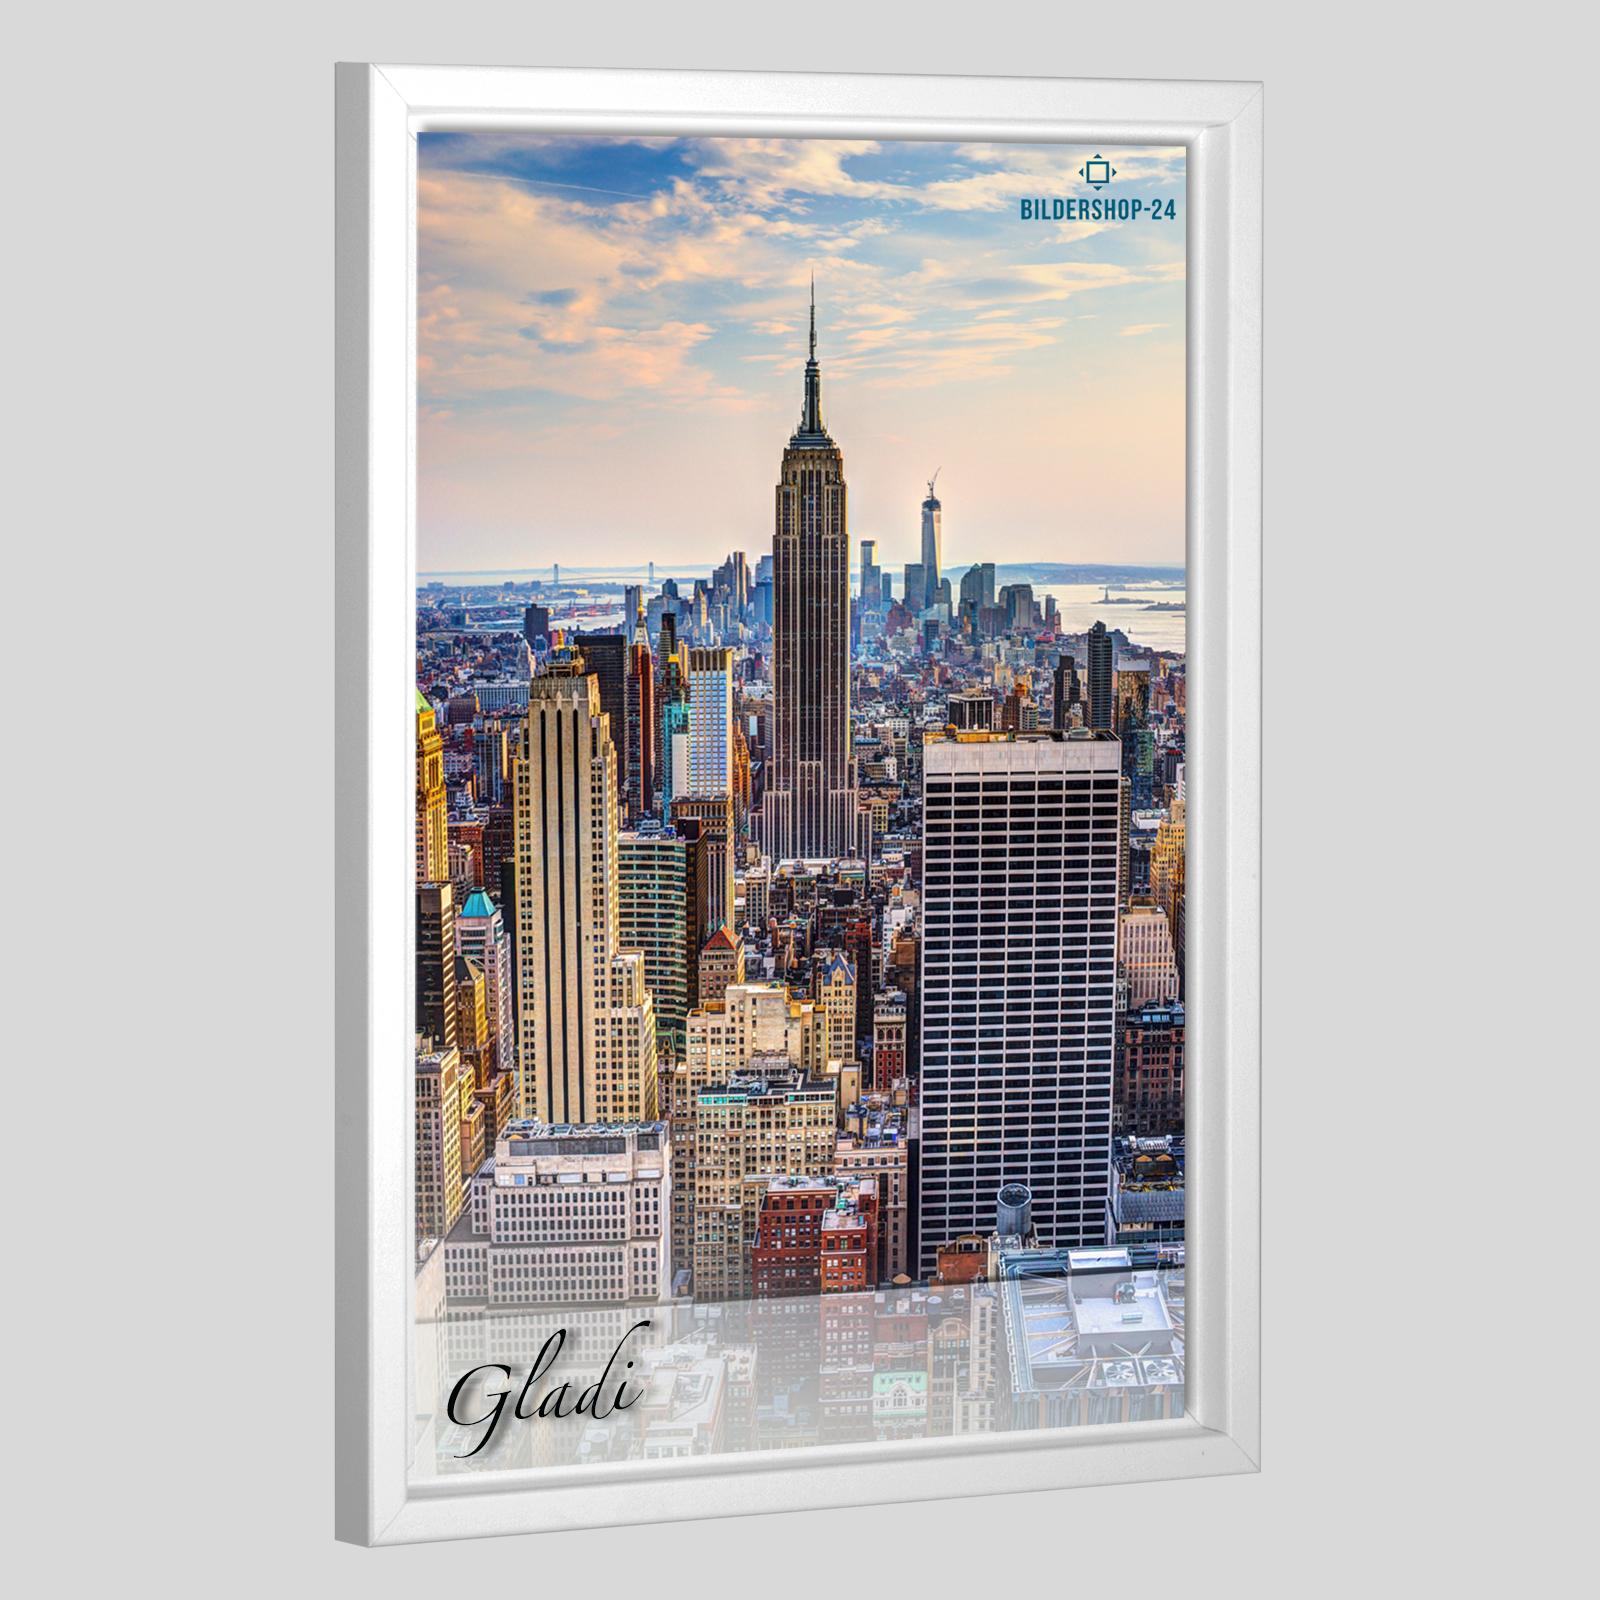 schattenfugenrahmen gladi10 f r alu dibond glas acrylglas forex bilder ebay. Black Bedroom Furniture Sets. Home Design Ideas